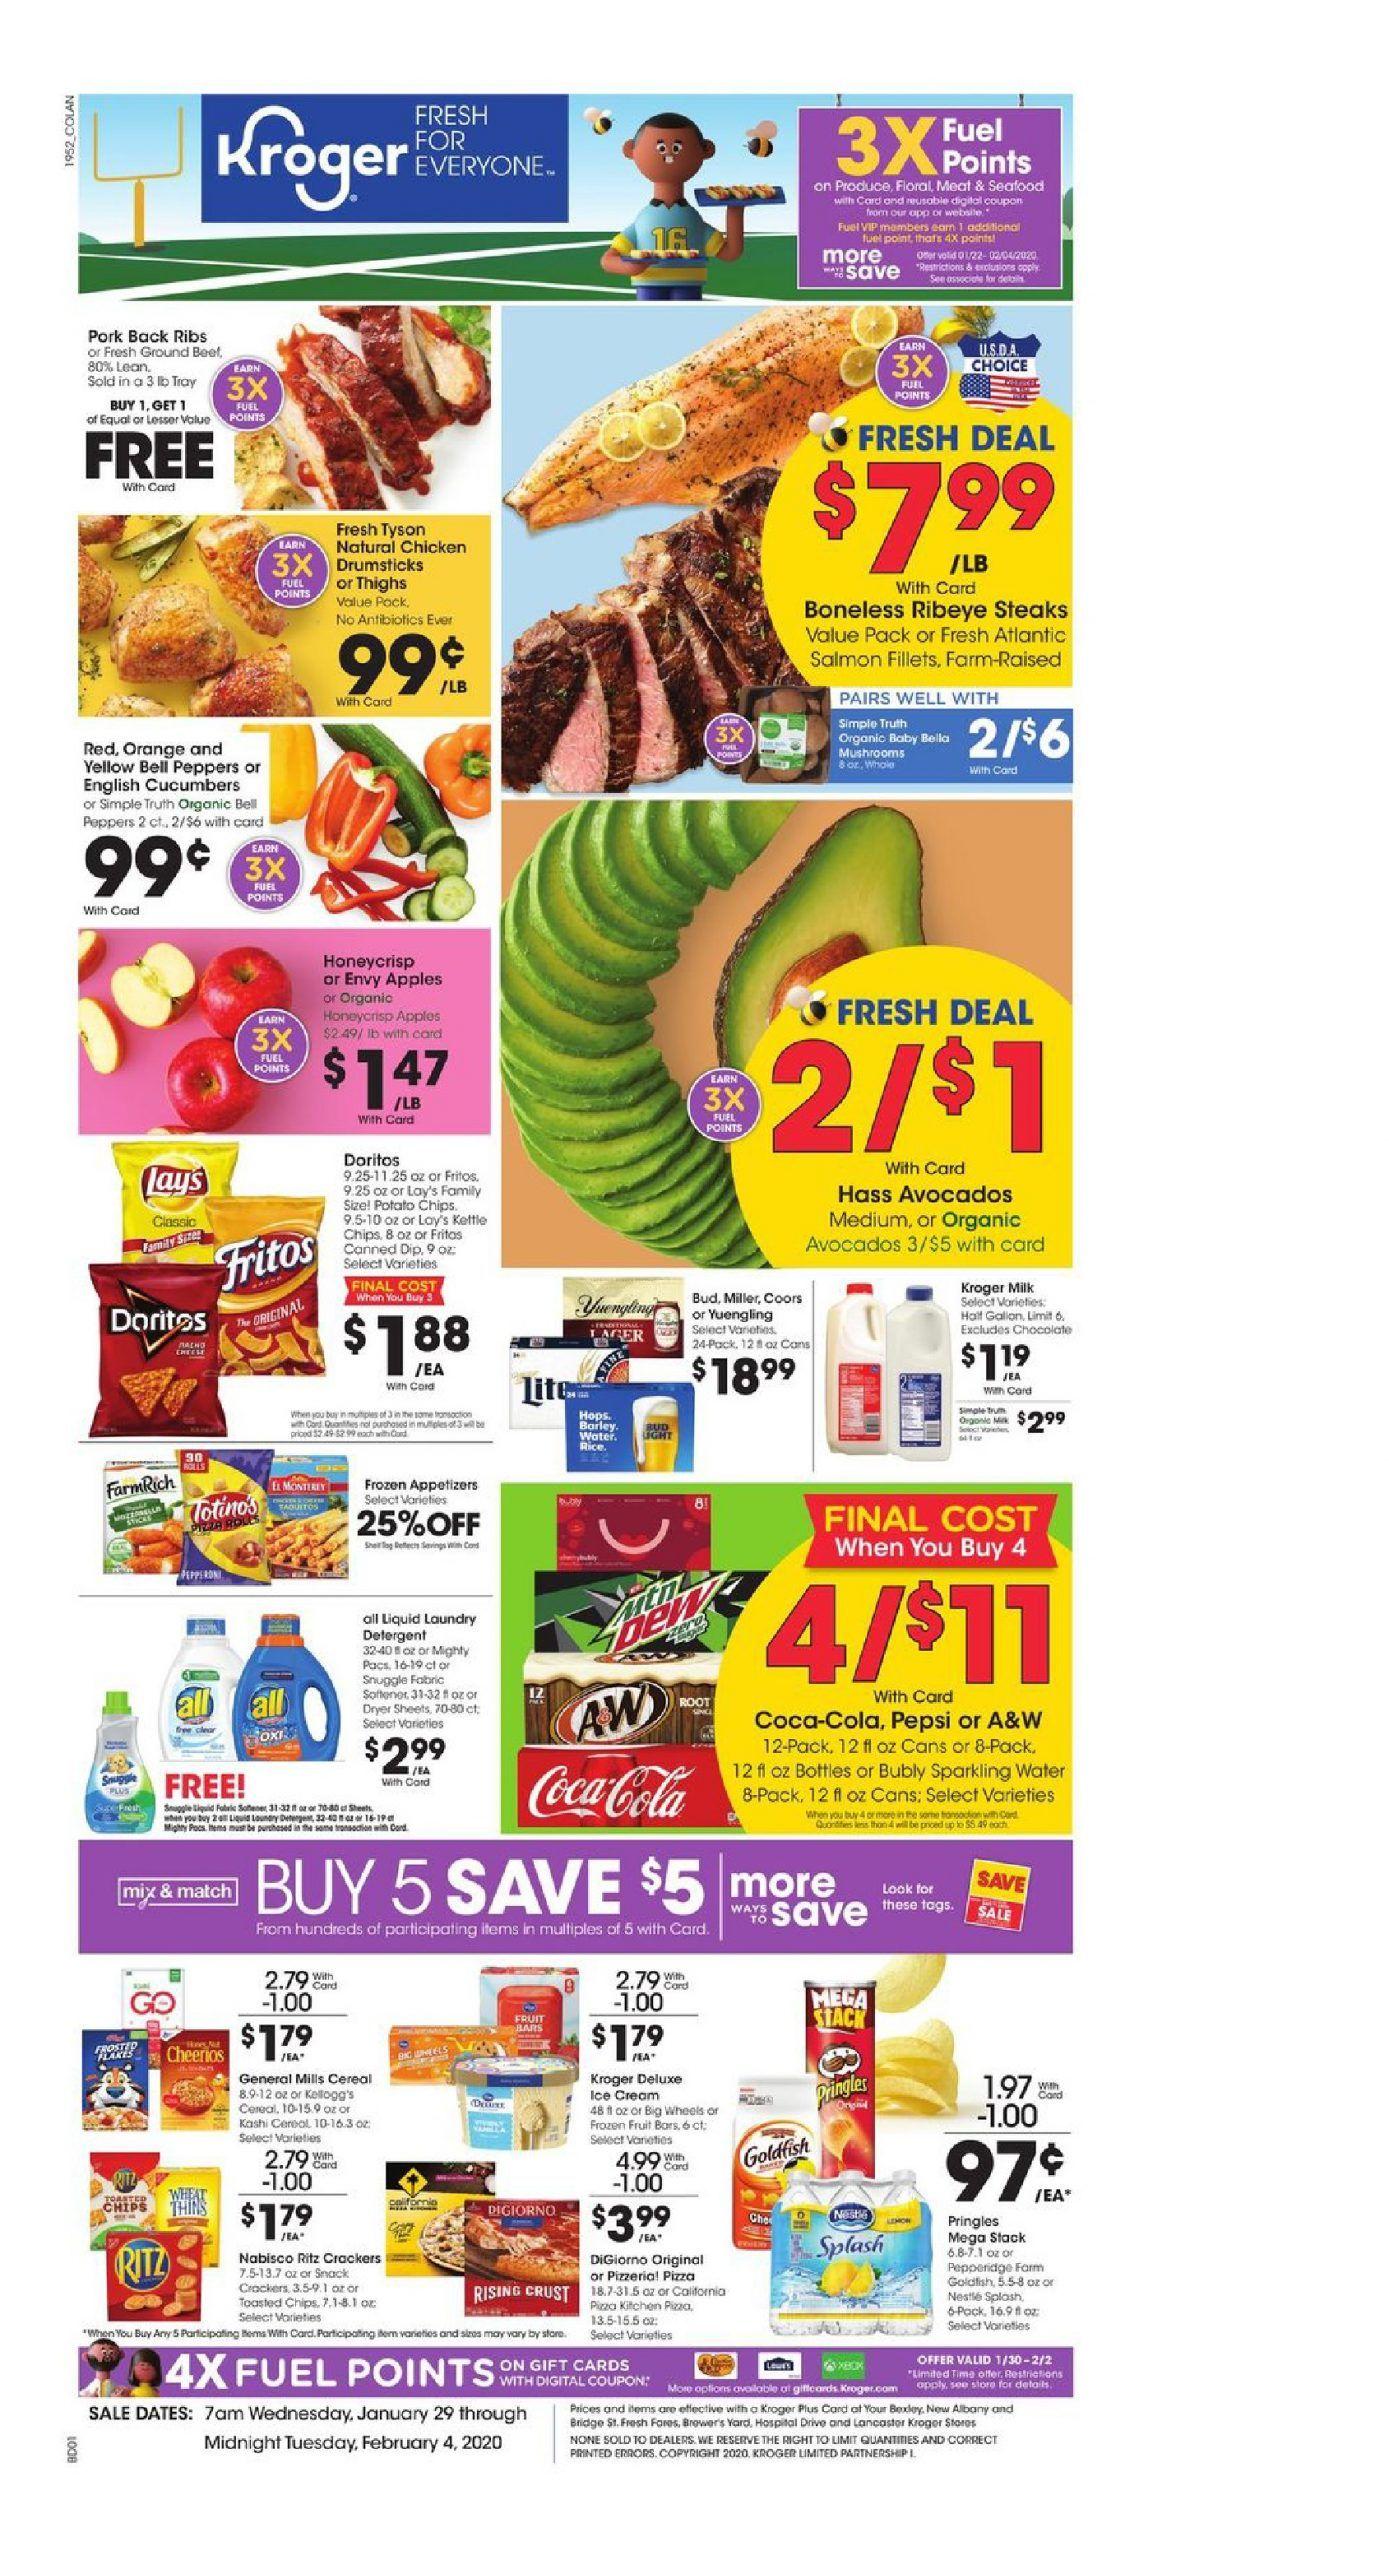 Kroger Weekly Ad Flyer March 11 17 2020 Weeklyad123 Com Kroger Grocery Savings Weekly Ads